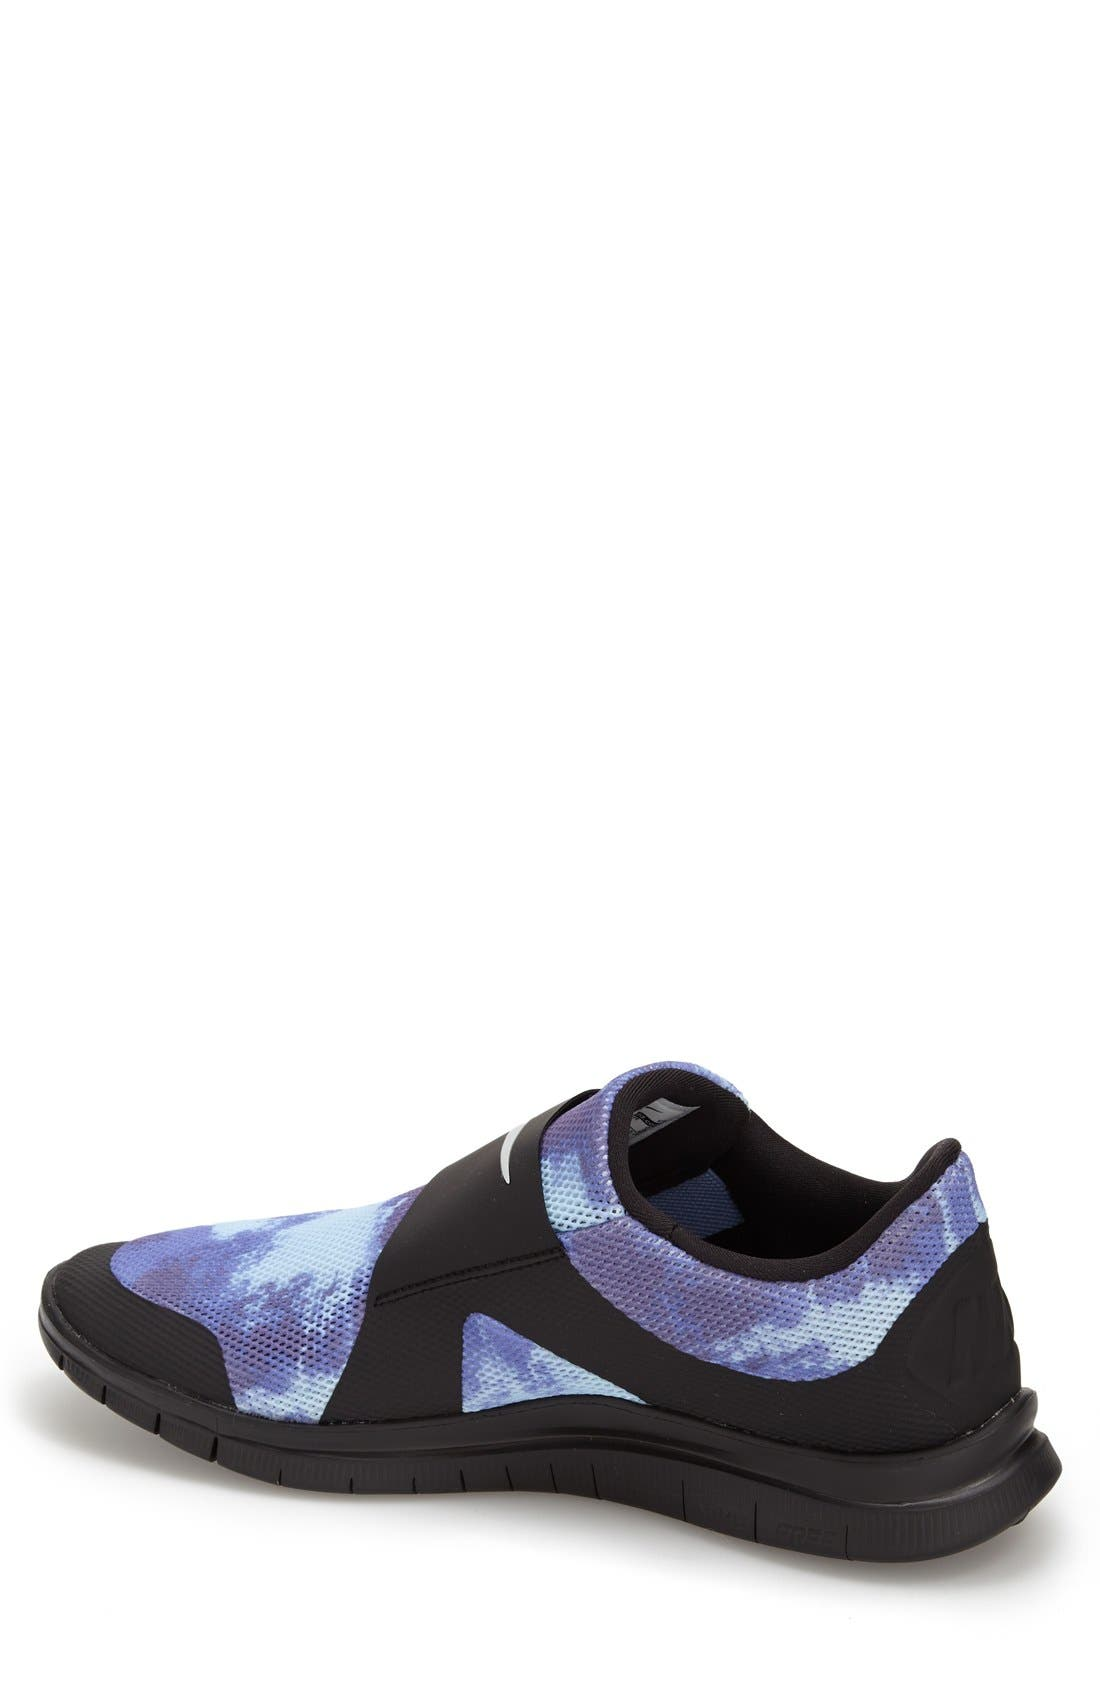 NIKE,                             'Free Socfly SD' Sneaker,                             Alternate thumbnail 4, color,                             004